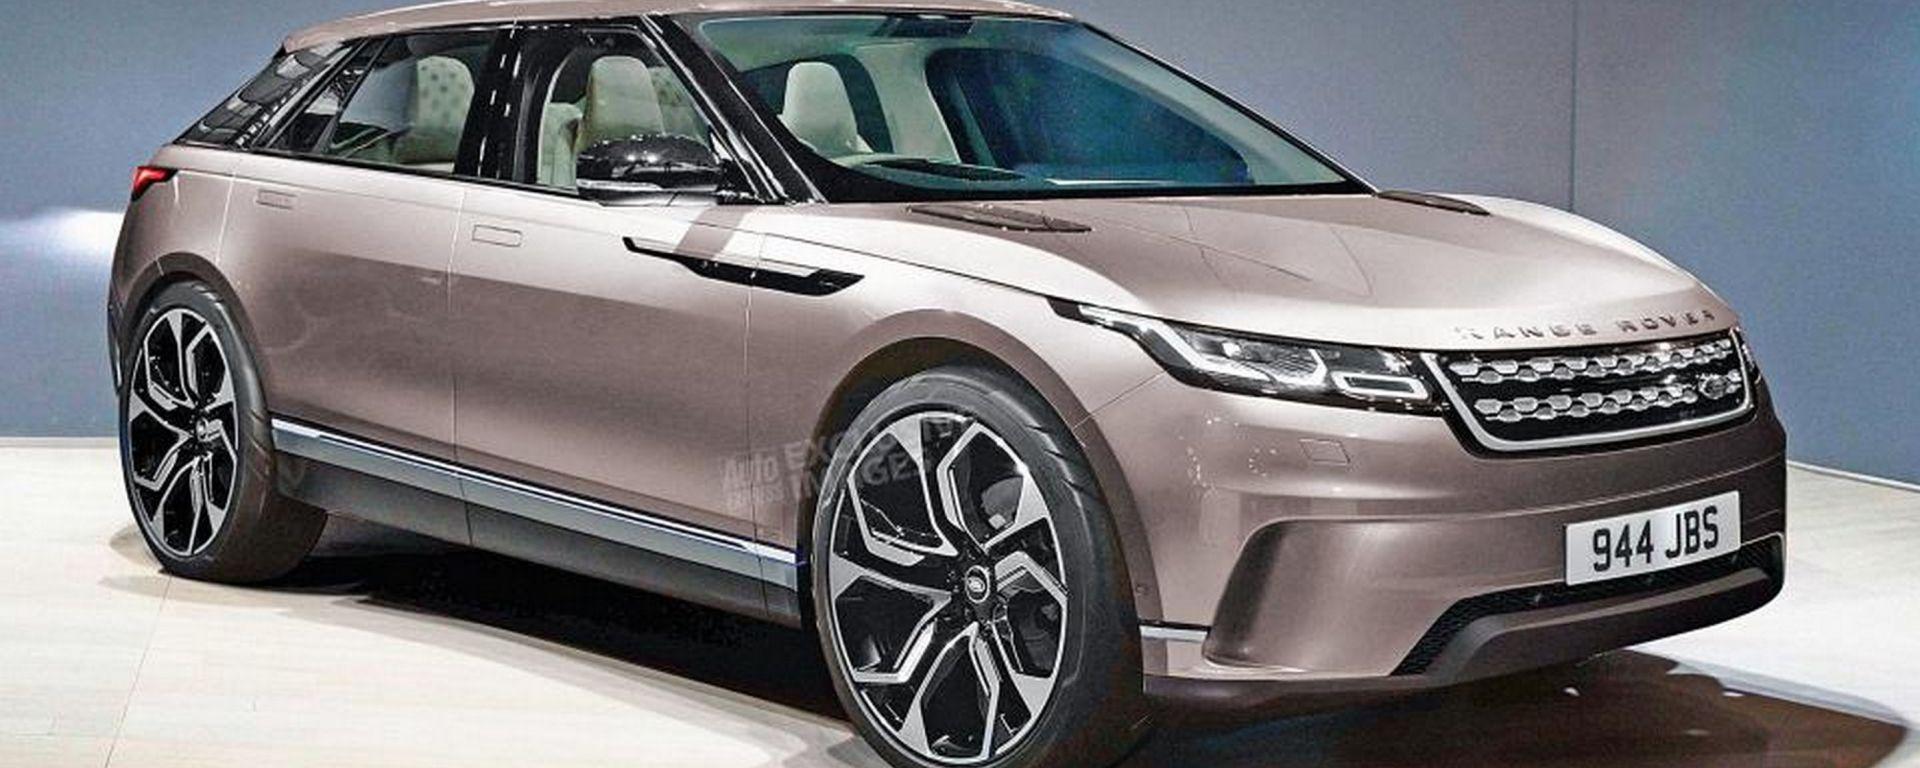 Nuova Range Rover Crossover 2021, il render di Auto Express